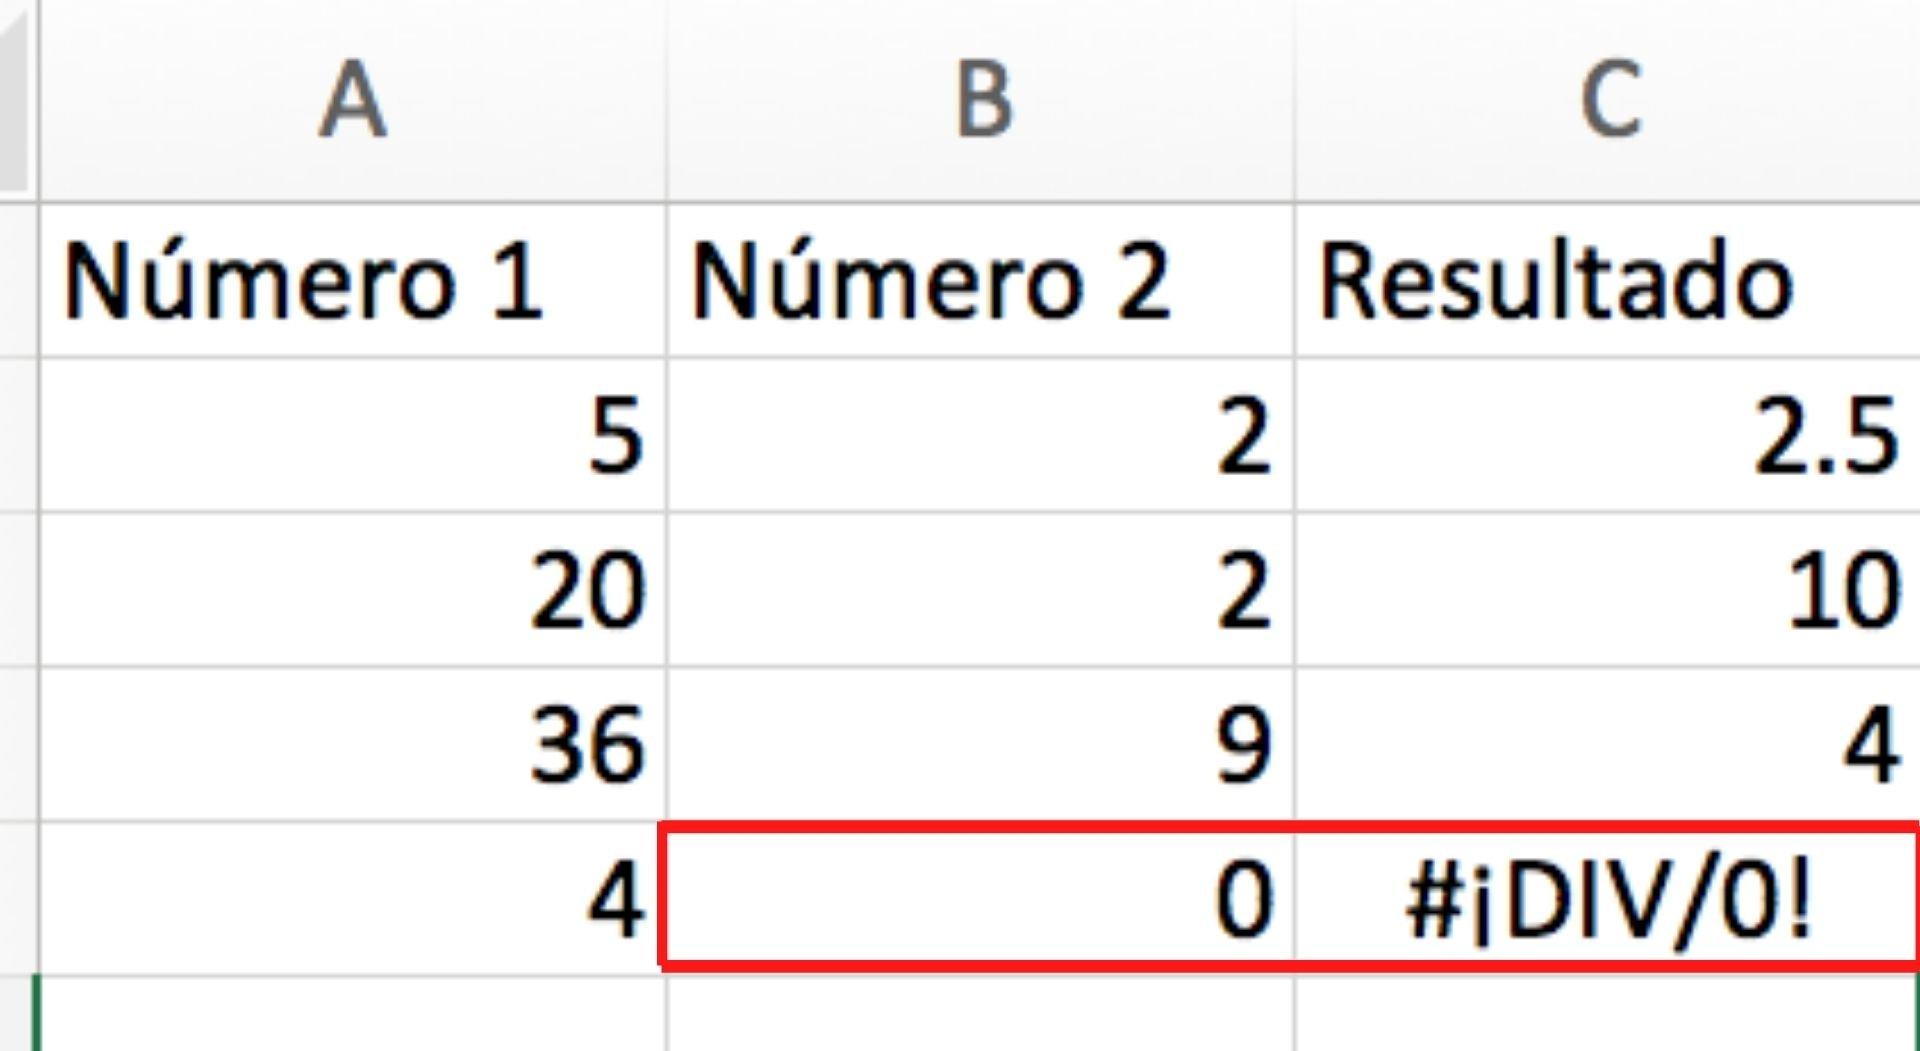 Ejemplo de error #¡DIV/0! en Excel